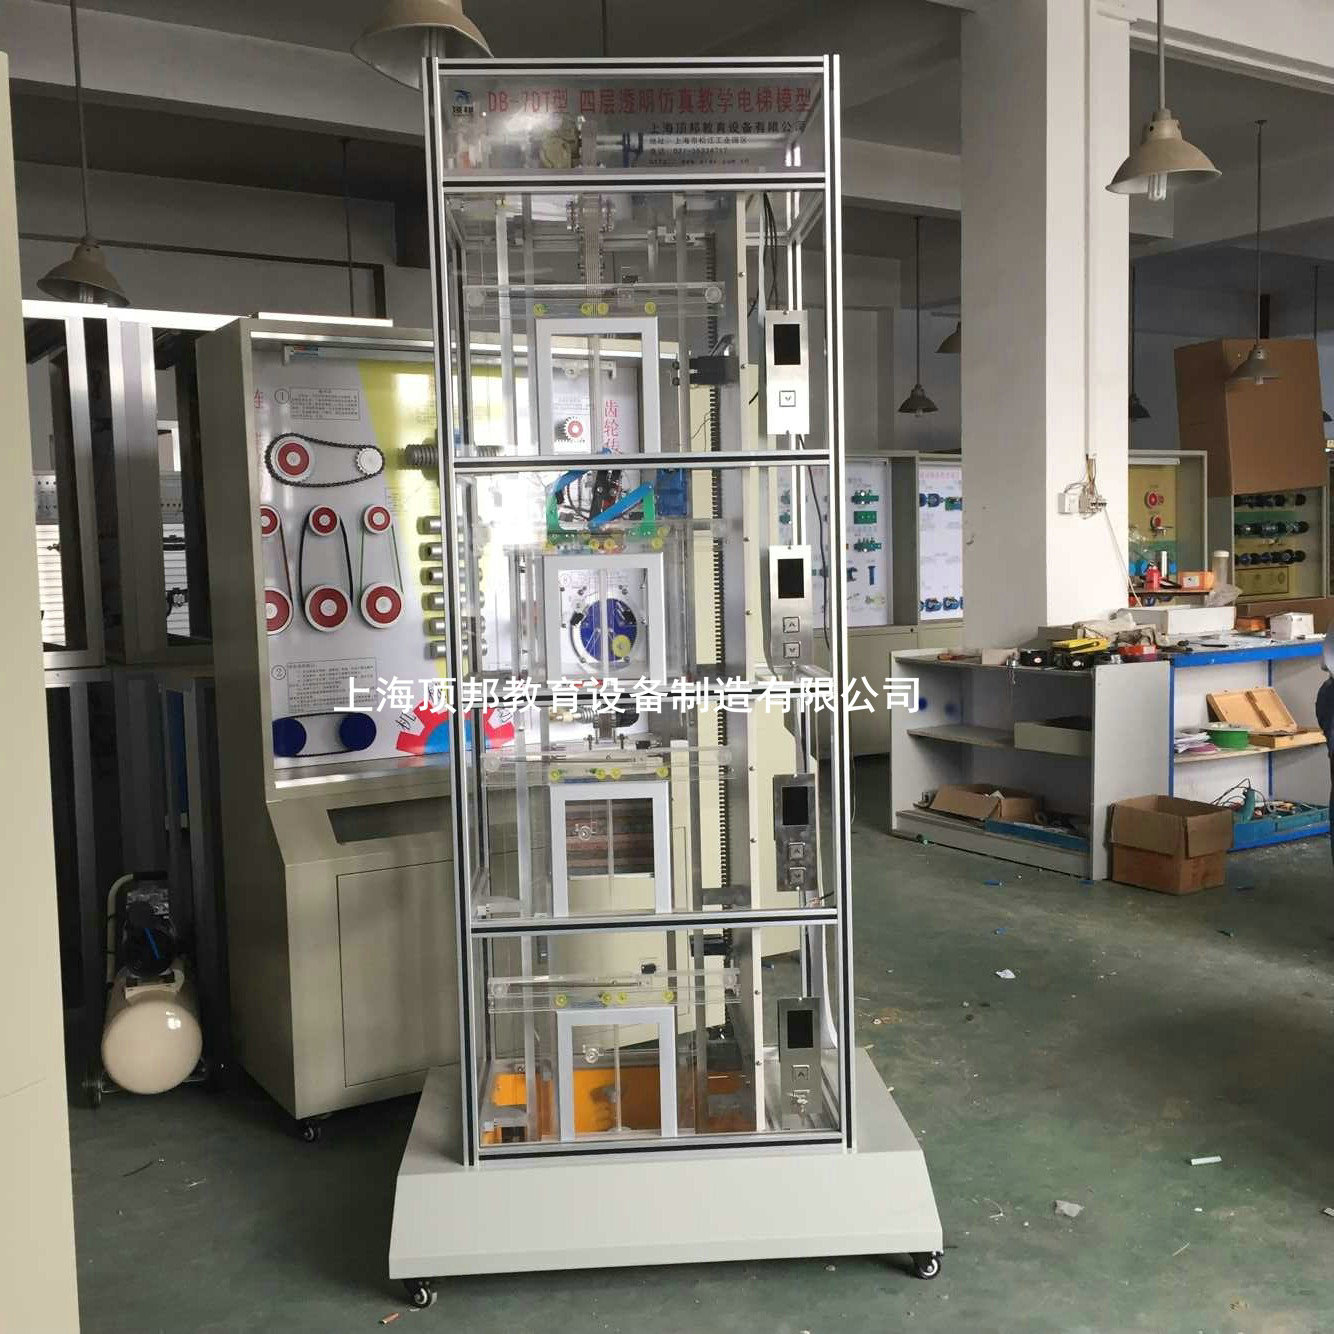 四层透明教学电梯模型